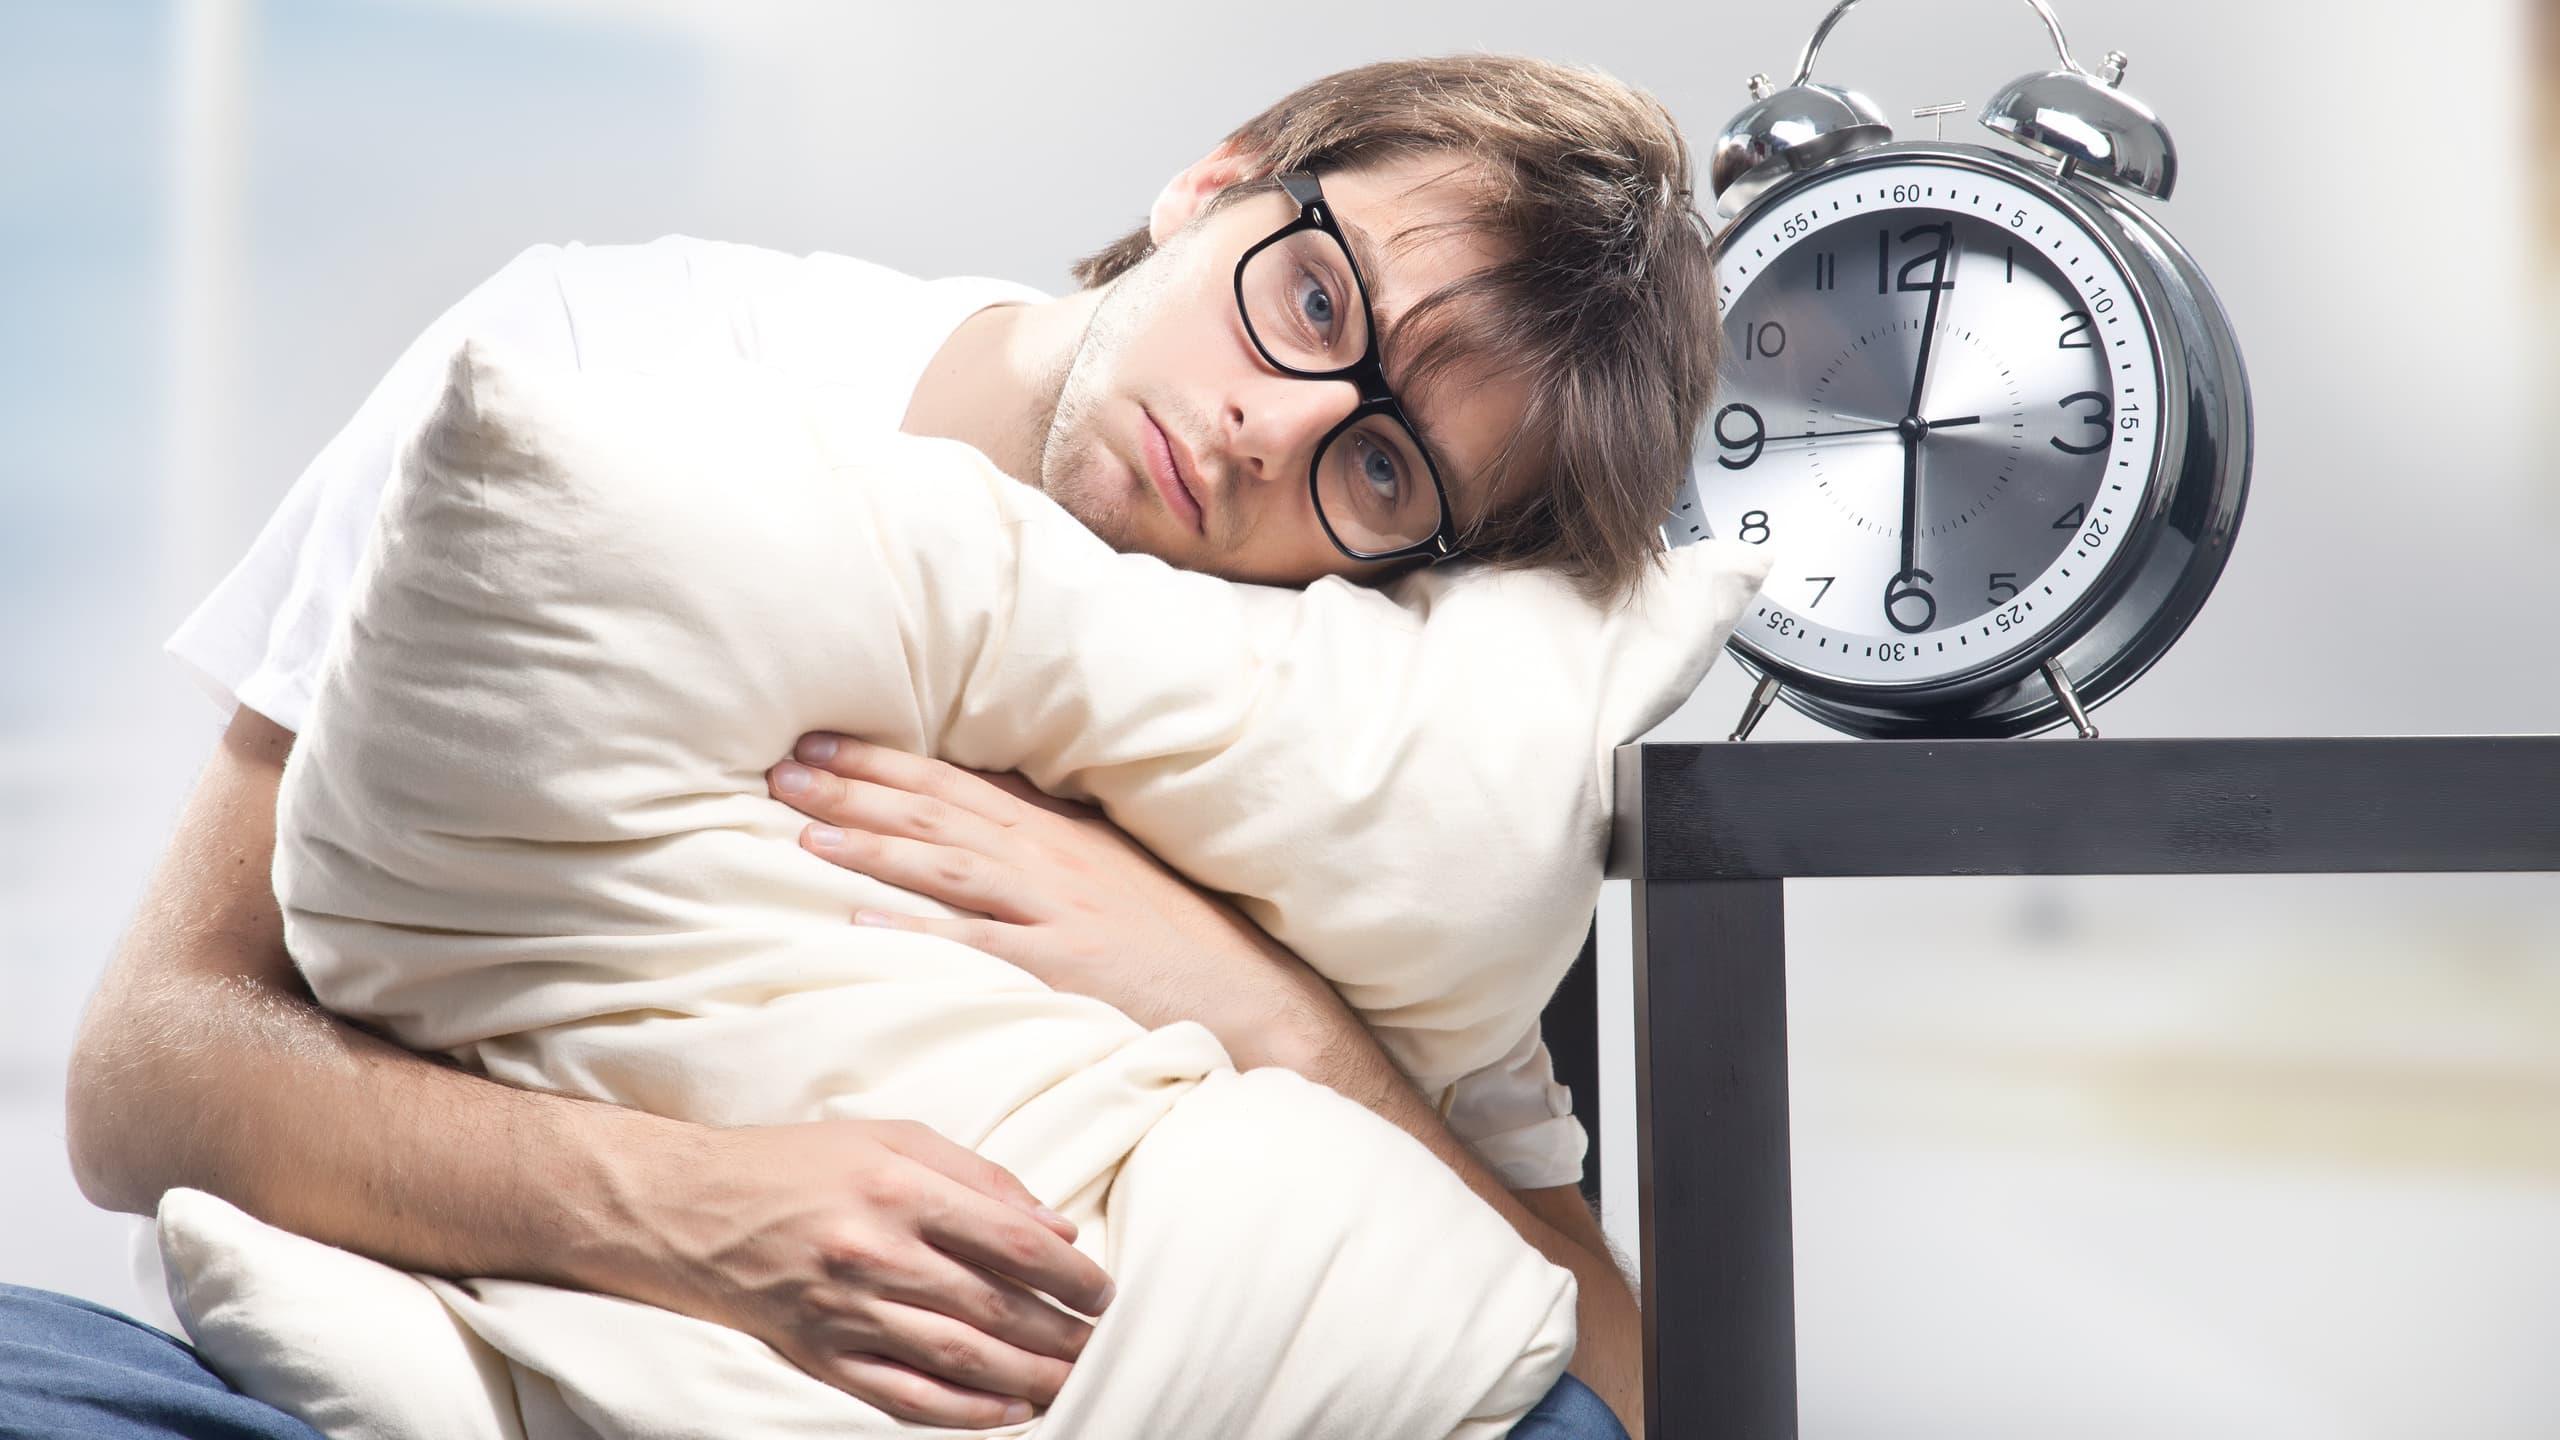 Постоянная усталость и сонливость? причины лежат на поверхности... | красота и здоровье